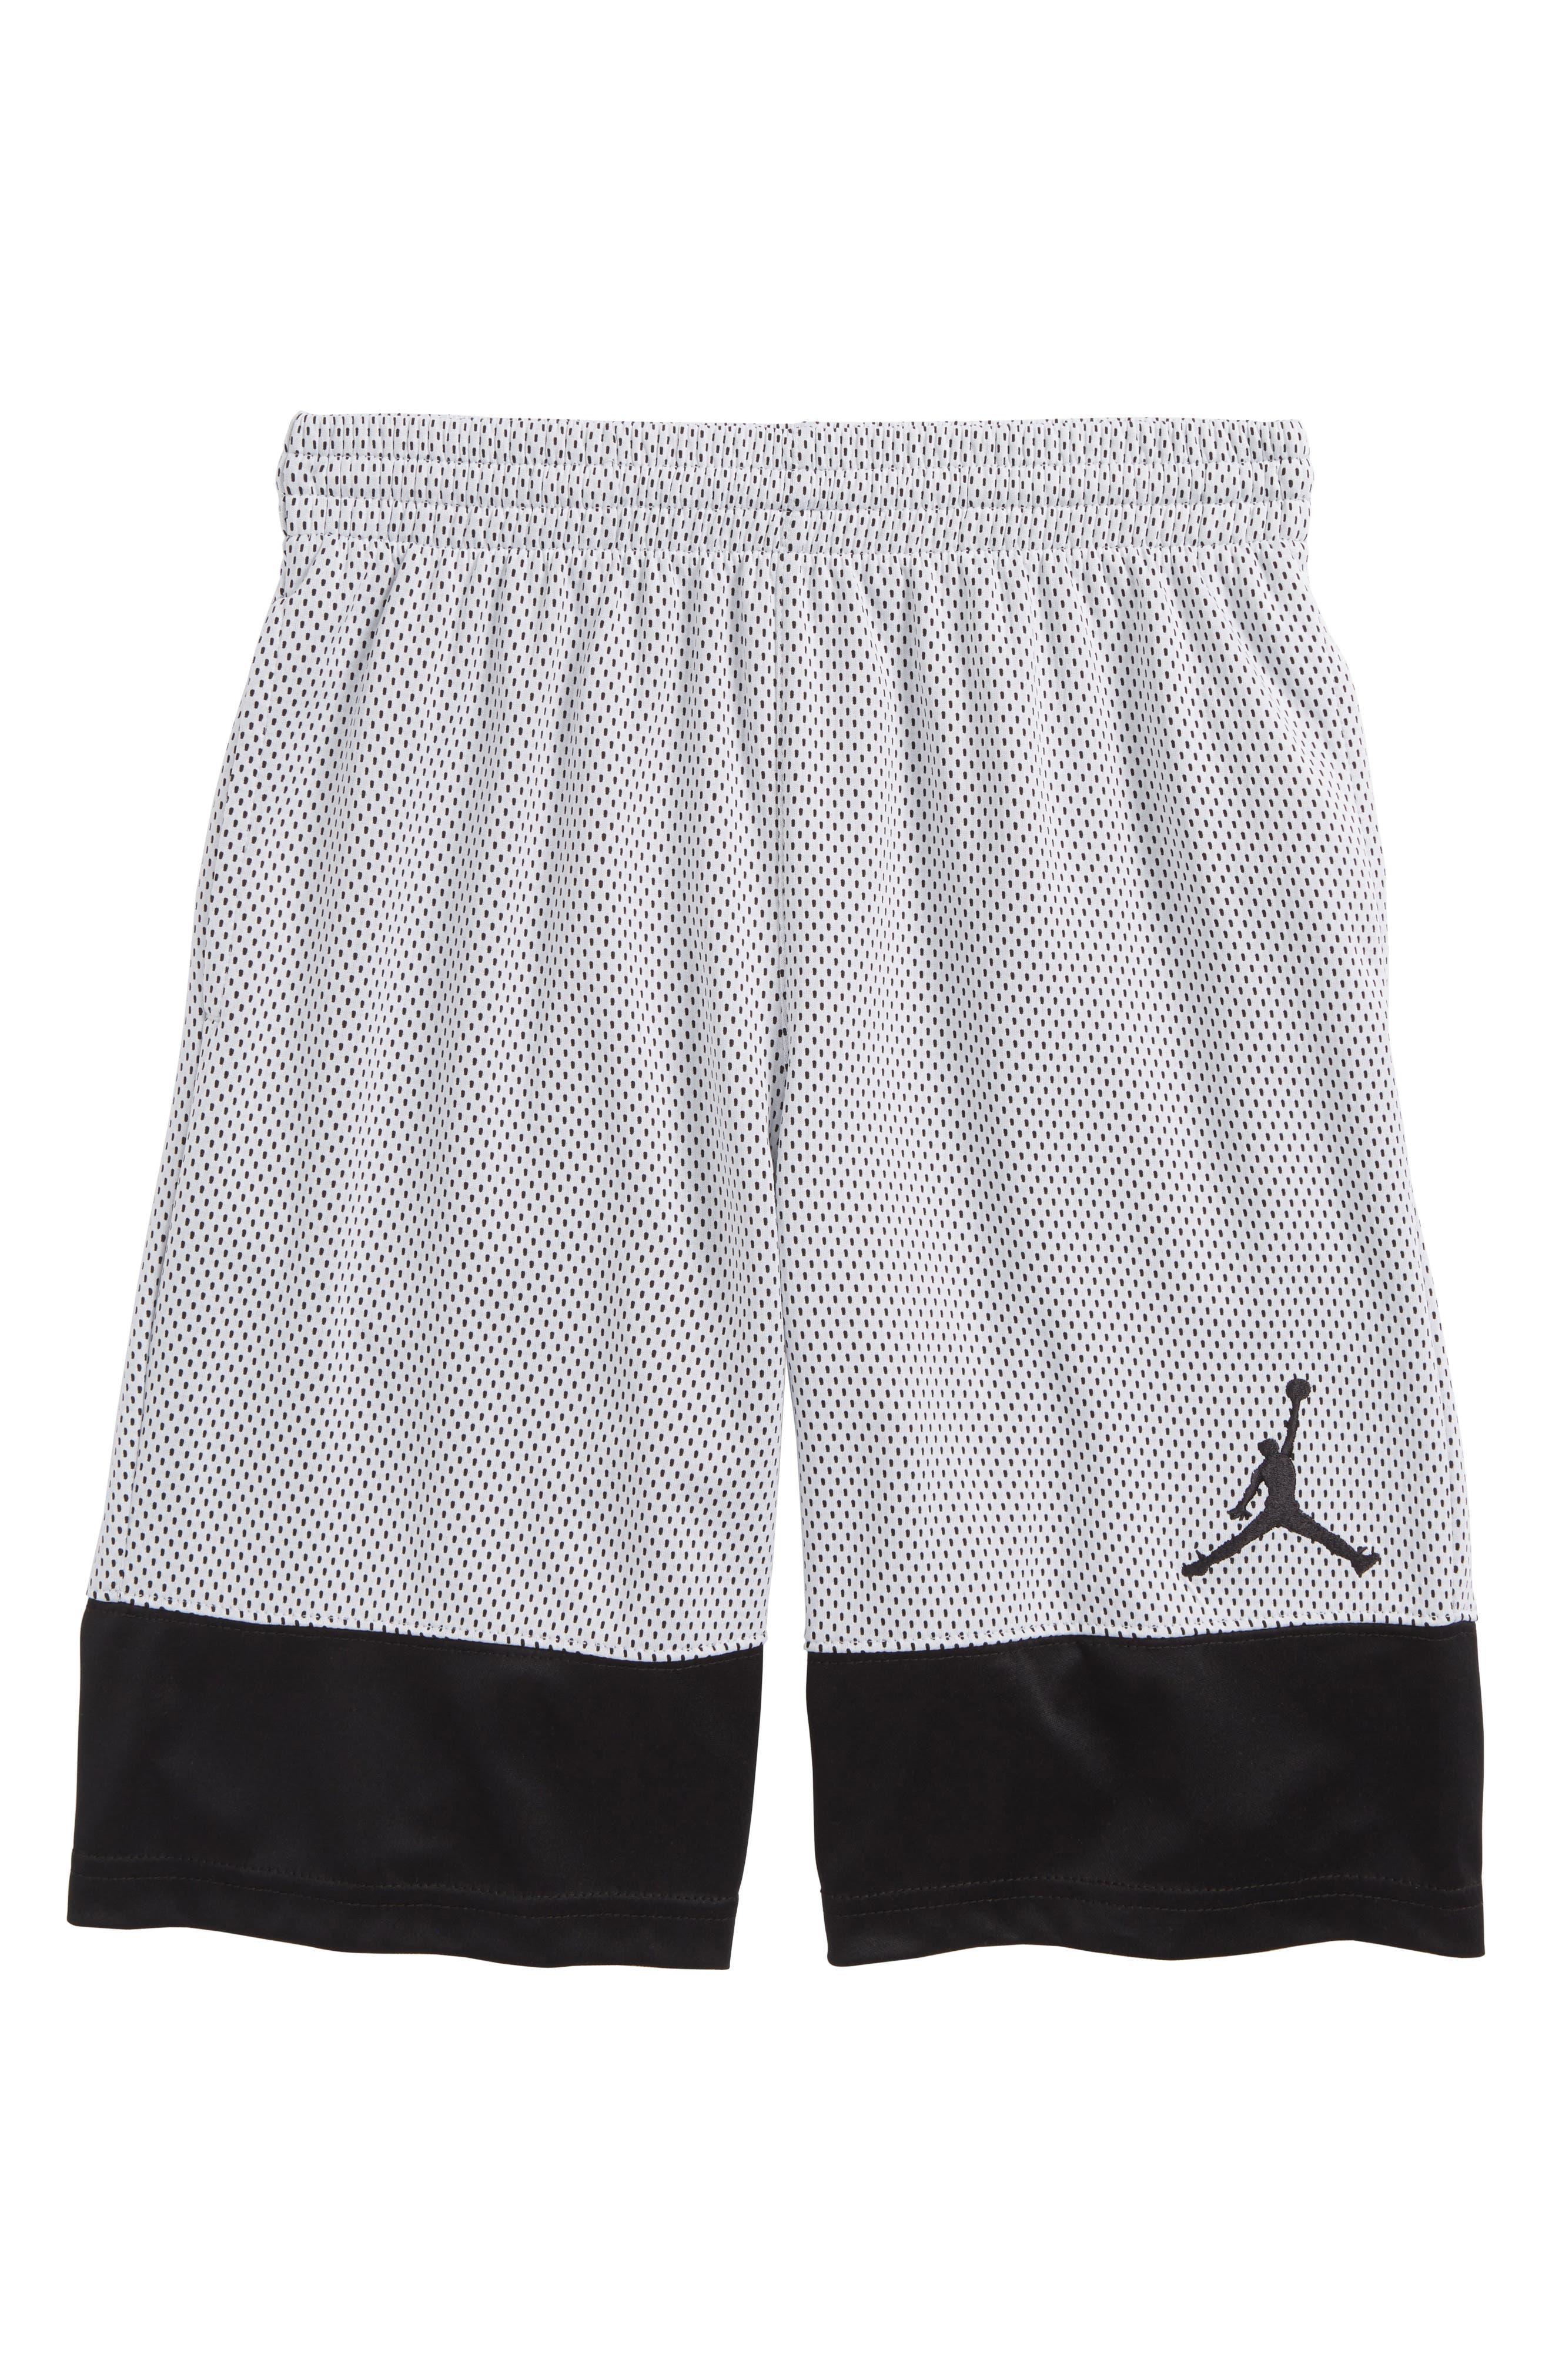 Jordan AJ 90s D2 Mesh Shorts,                             Main thumbnail 1, color,                             001